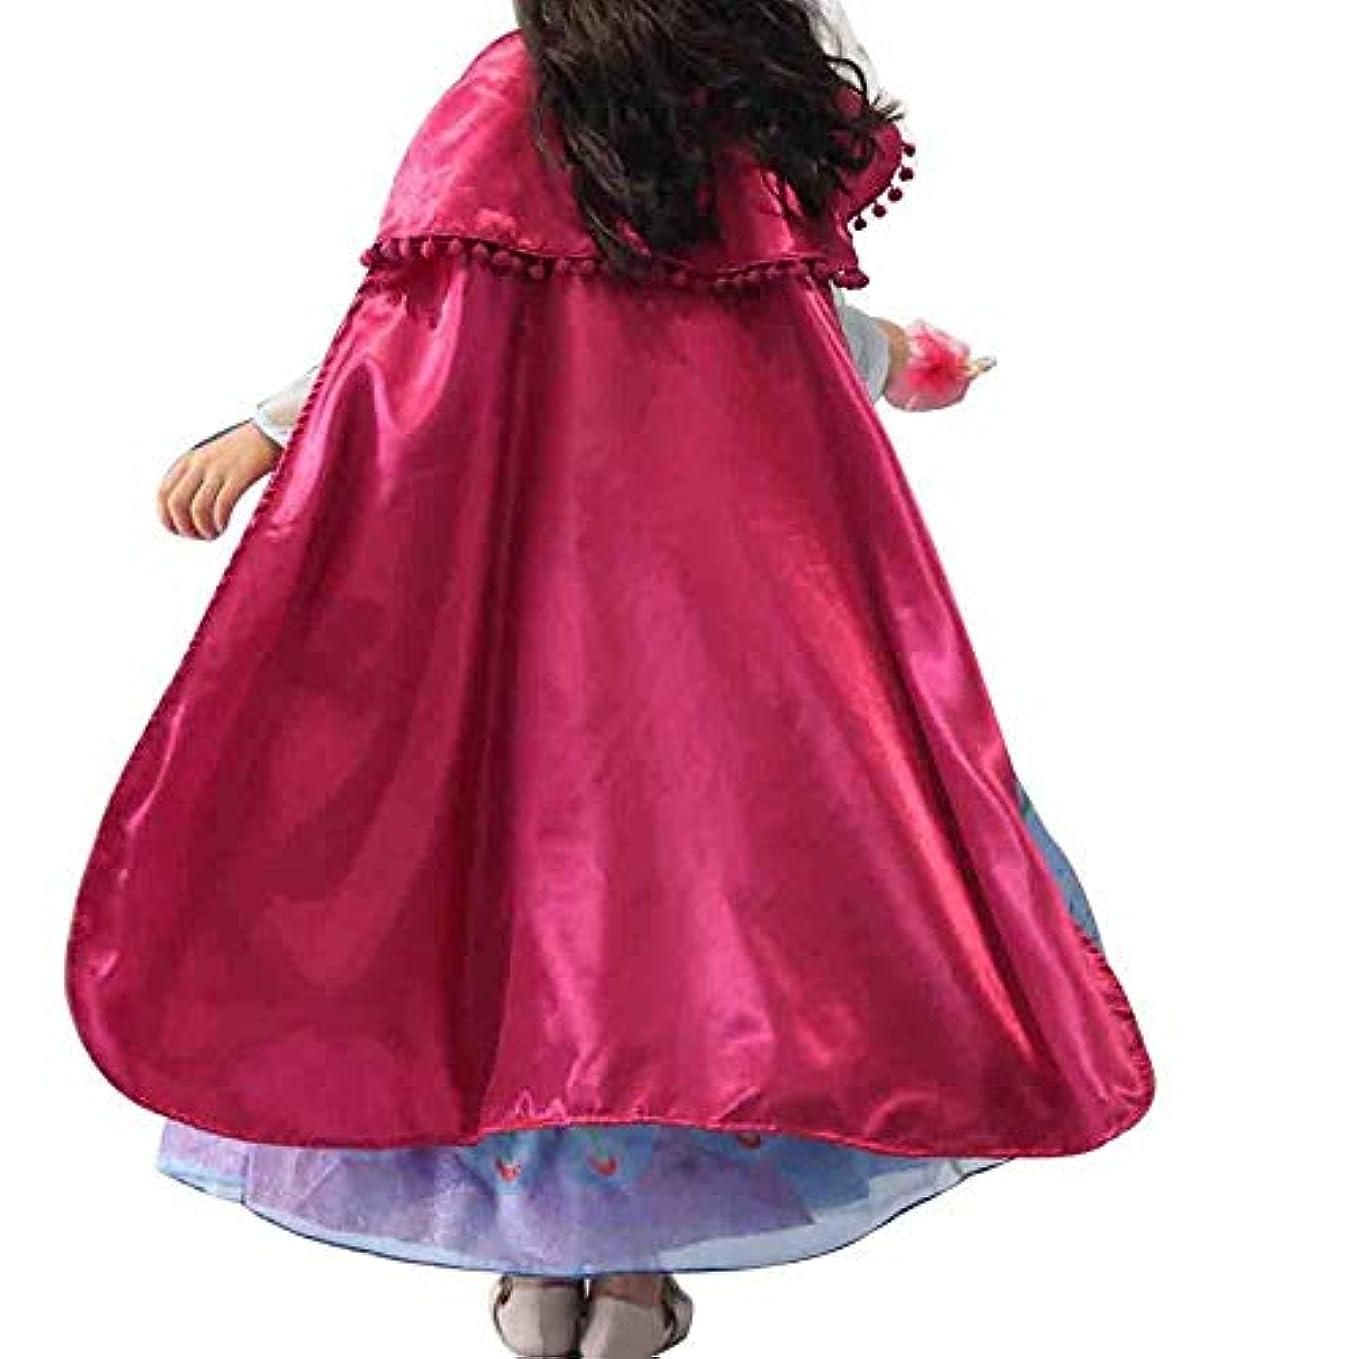 性能氏執着アナと雪の女王 ドレス キッズ アナ プリンセス なりきり 女王 お姫様 コスプレ ハロウィン衣装 子供ドレス 子供 アナ コスチューム衣装 仮装